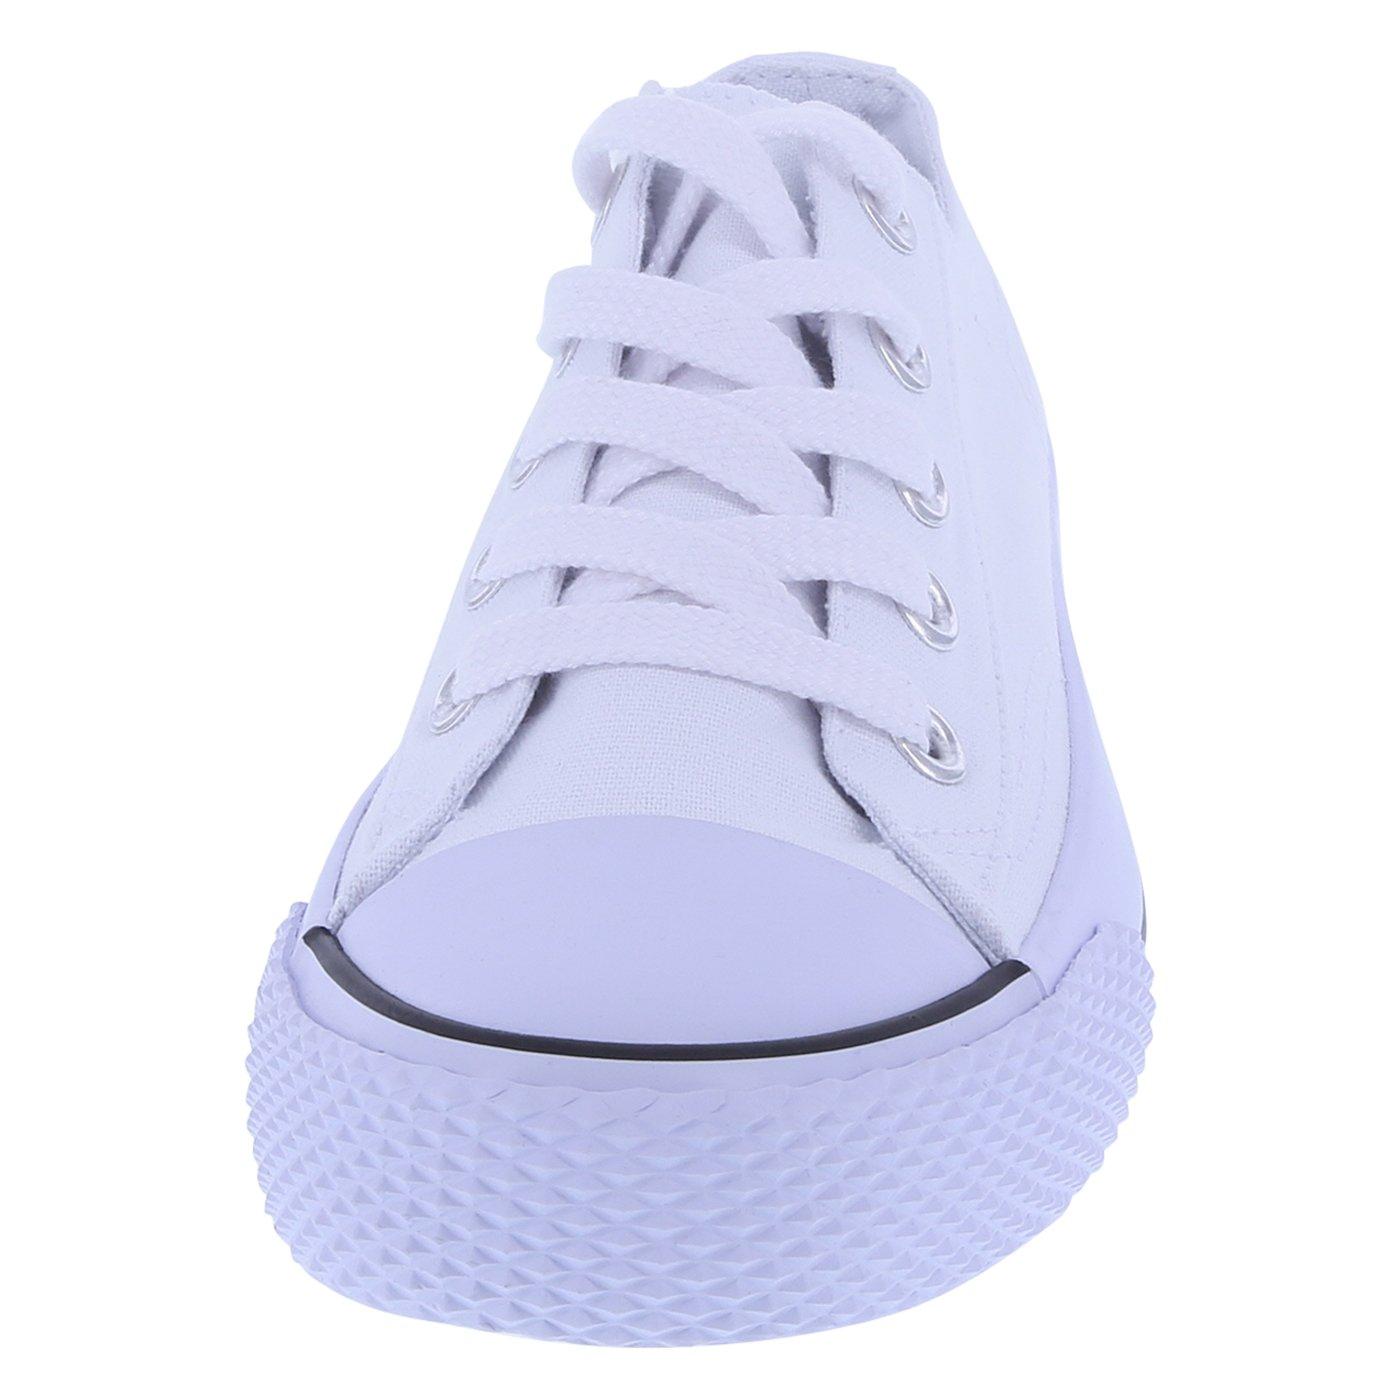 Airwalk Women's White Women's Legacee Sneaker 9.5 Regular